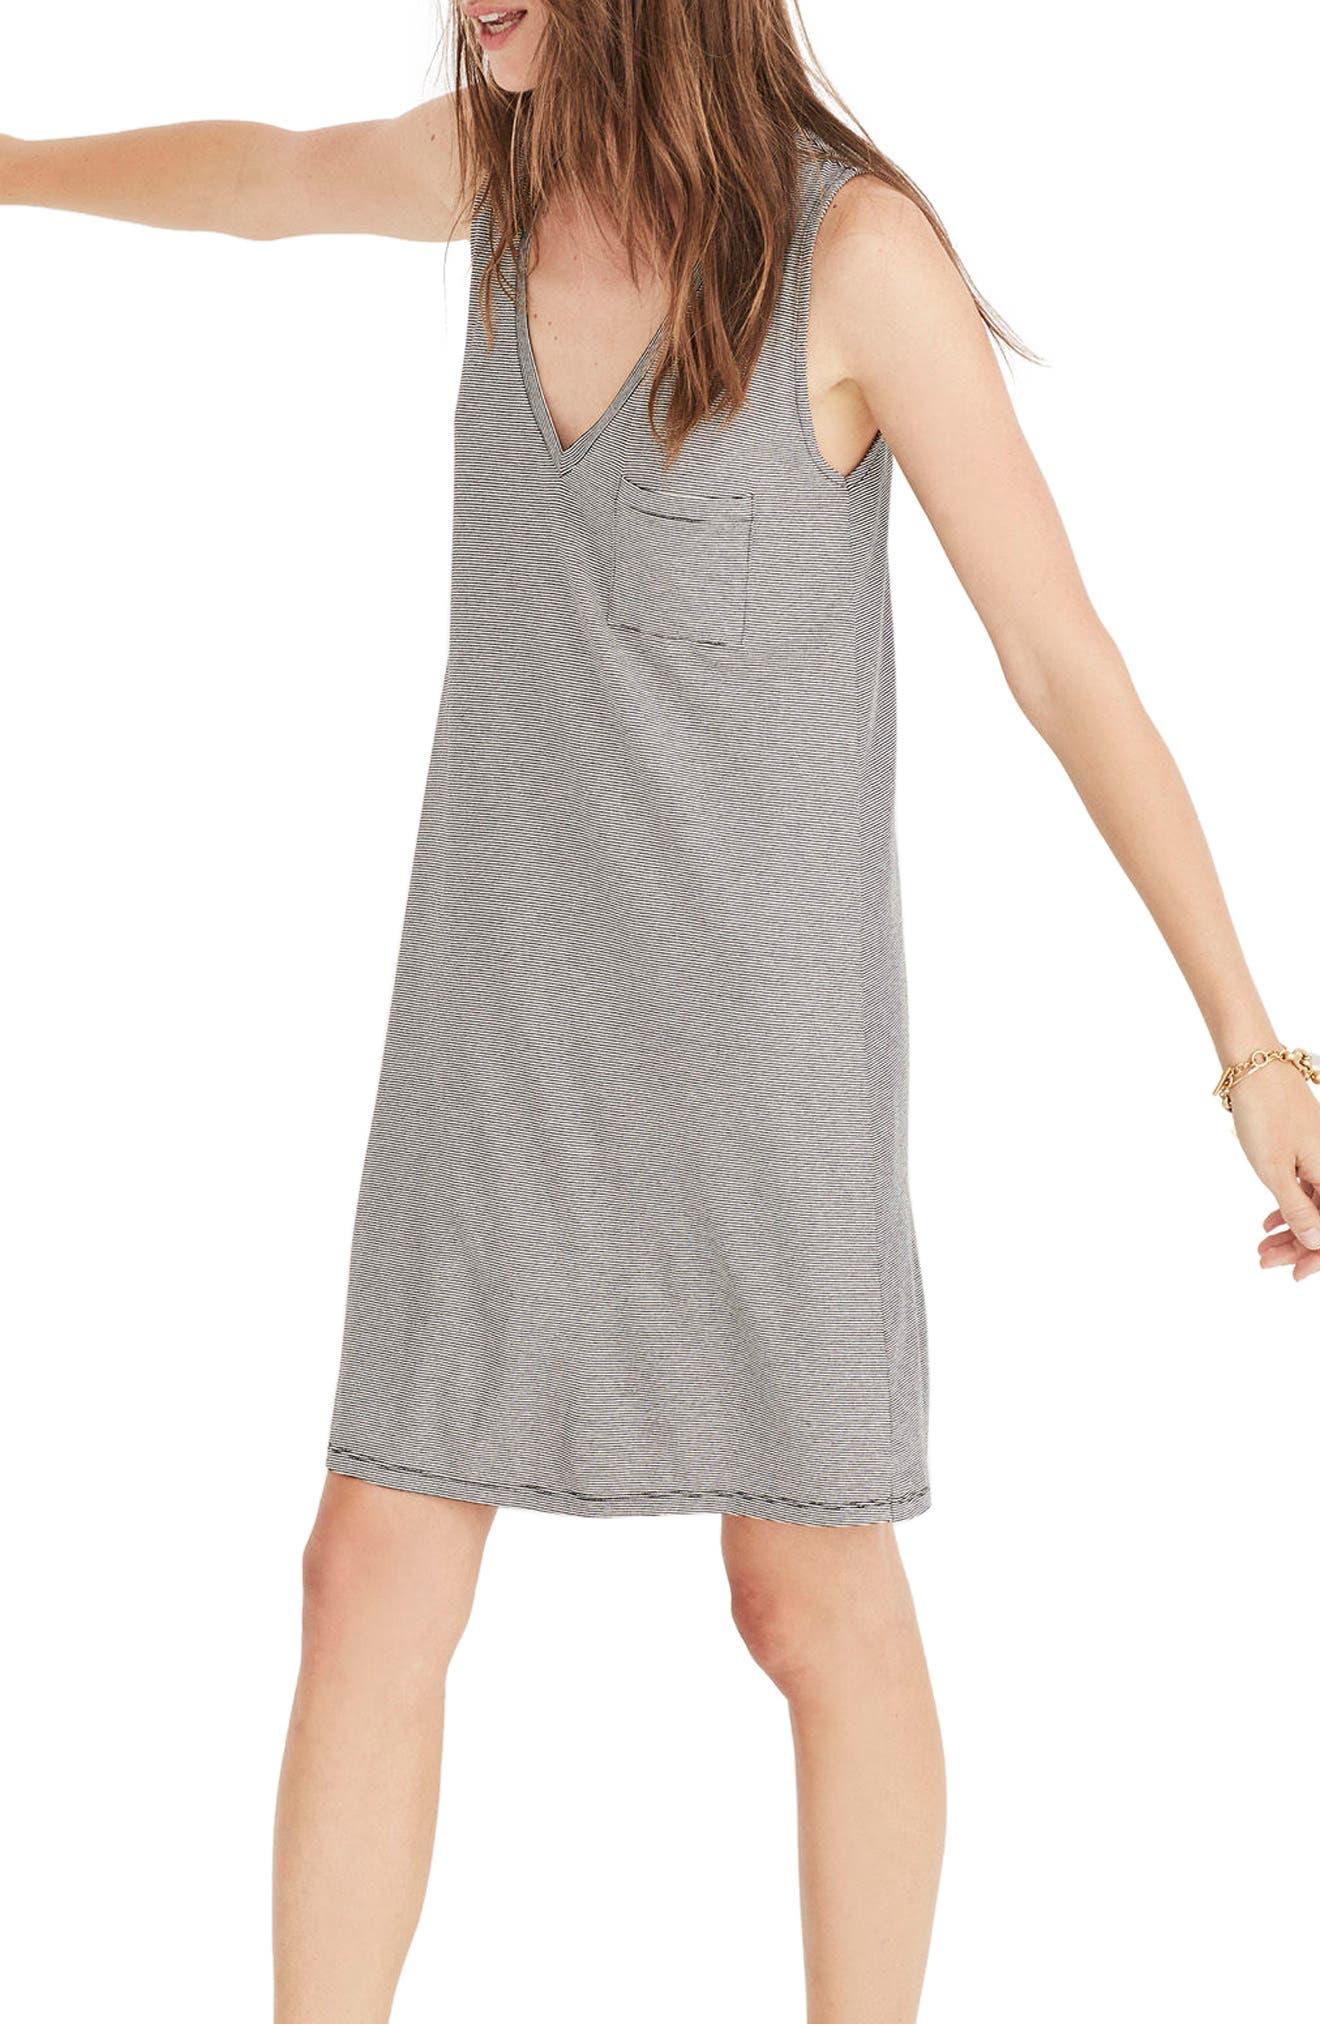 Stripe Swingy Tank Dress,                             Main thumbnail 1, color,                             100